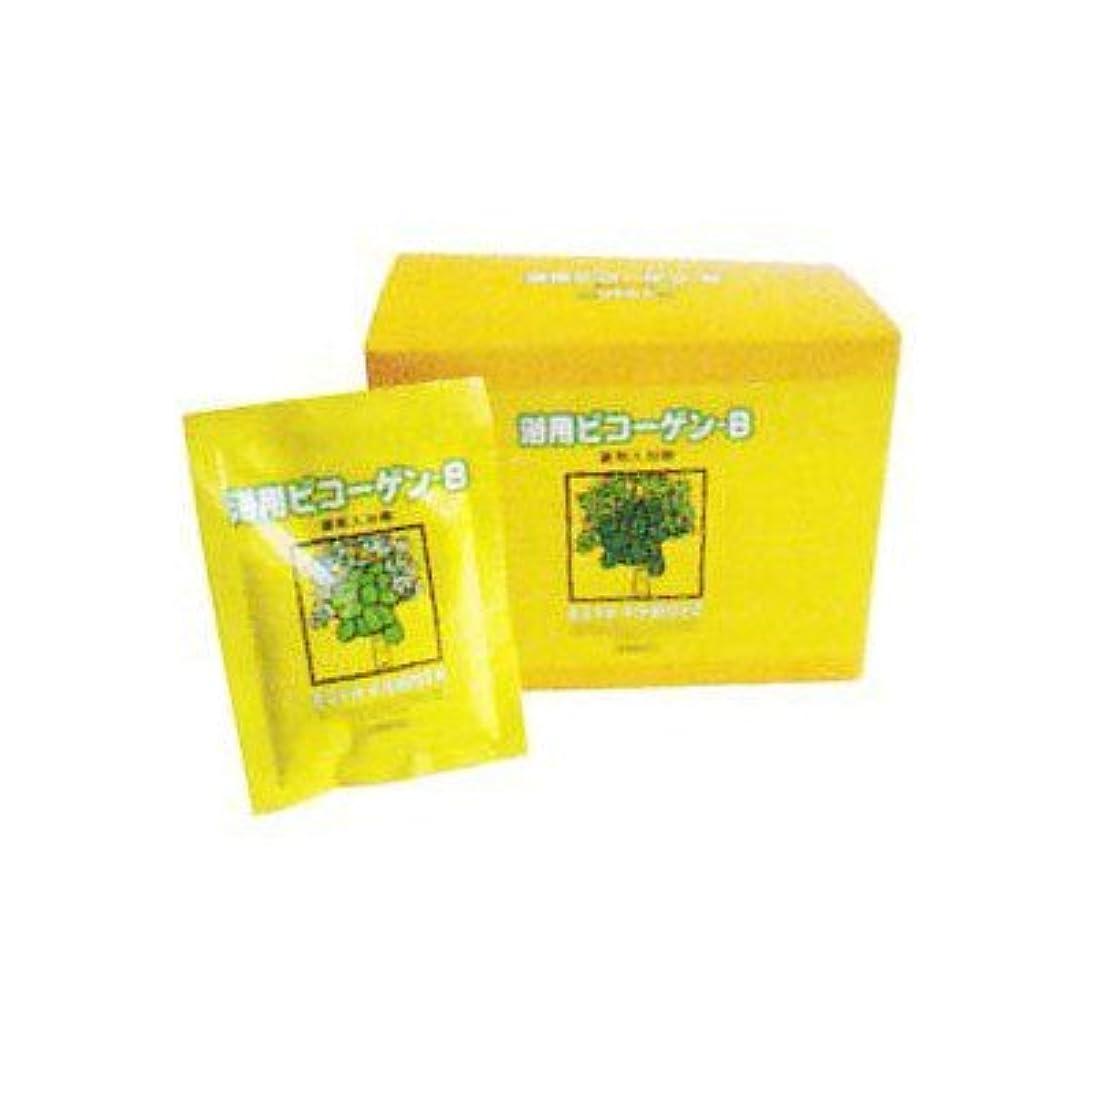 カレッジ小説パッケージ酸素入浴剤 リアル 浴用 ビコーゲン B 分包タイプ a221074